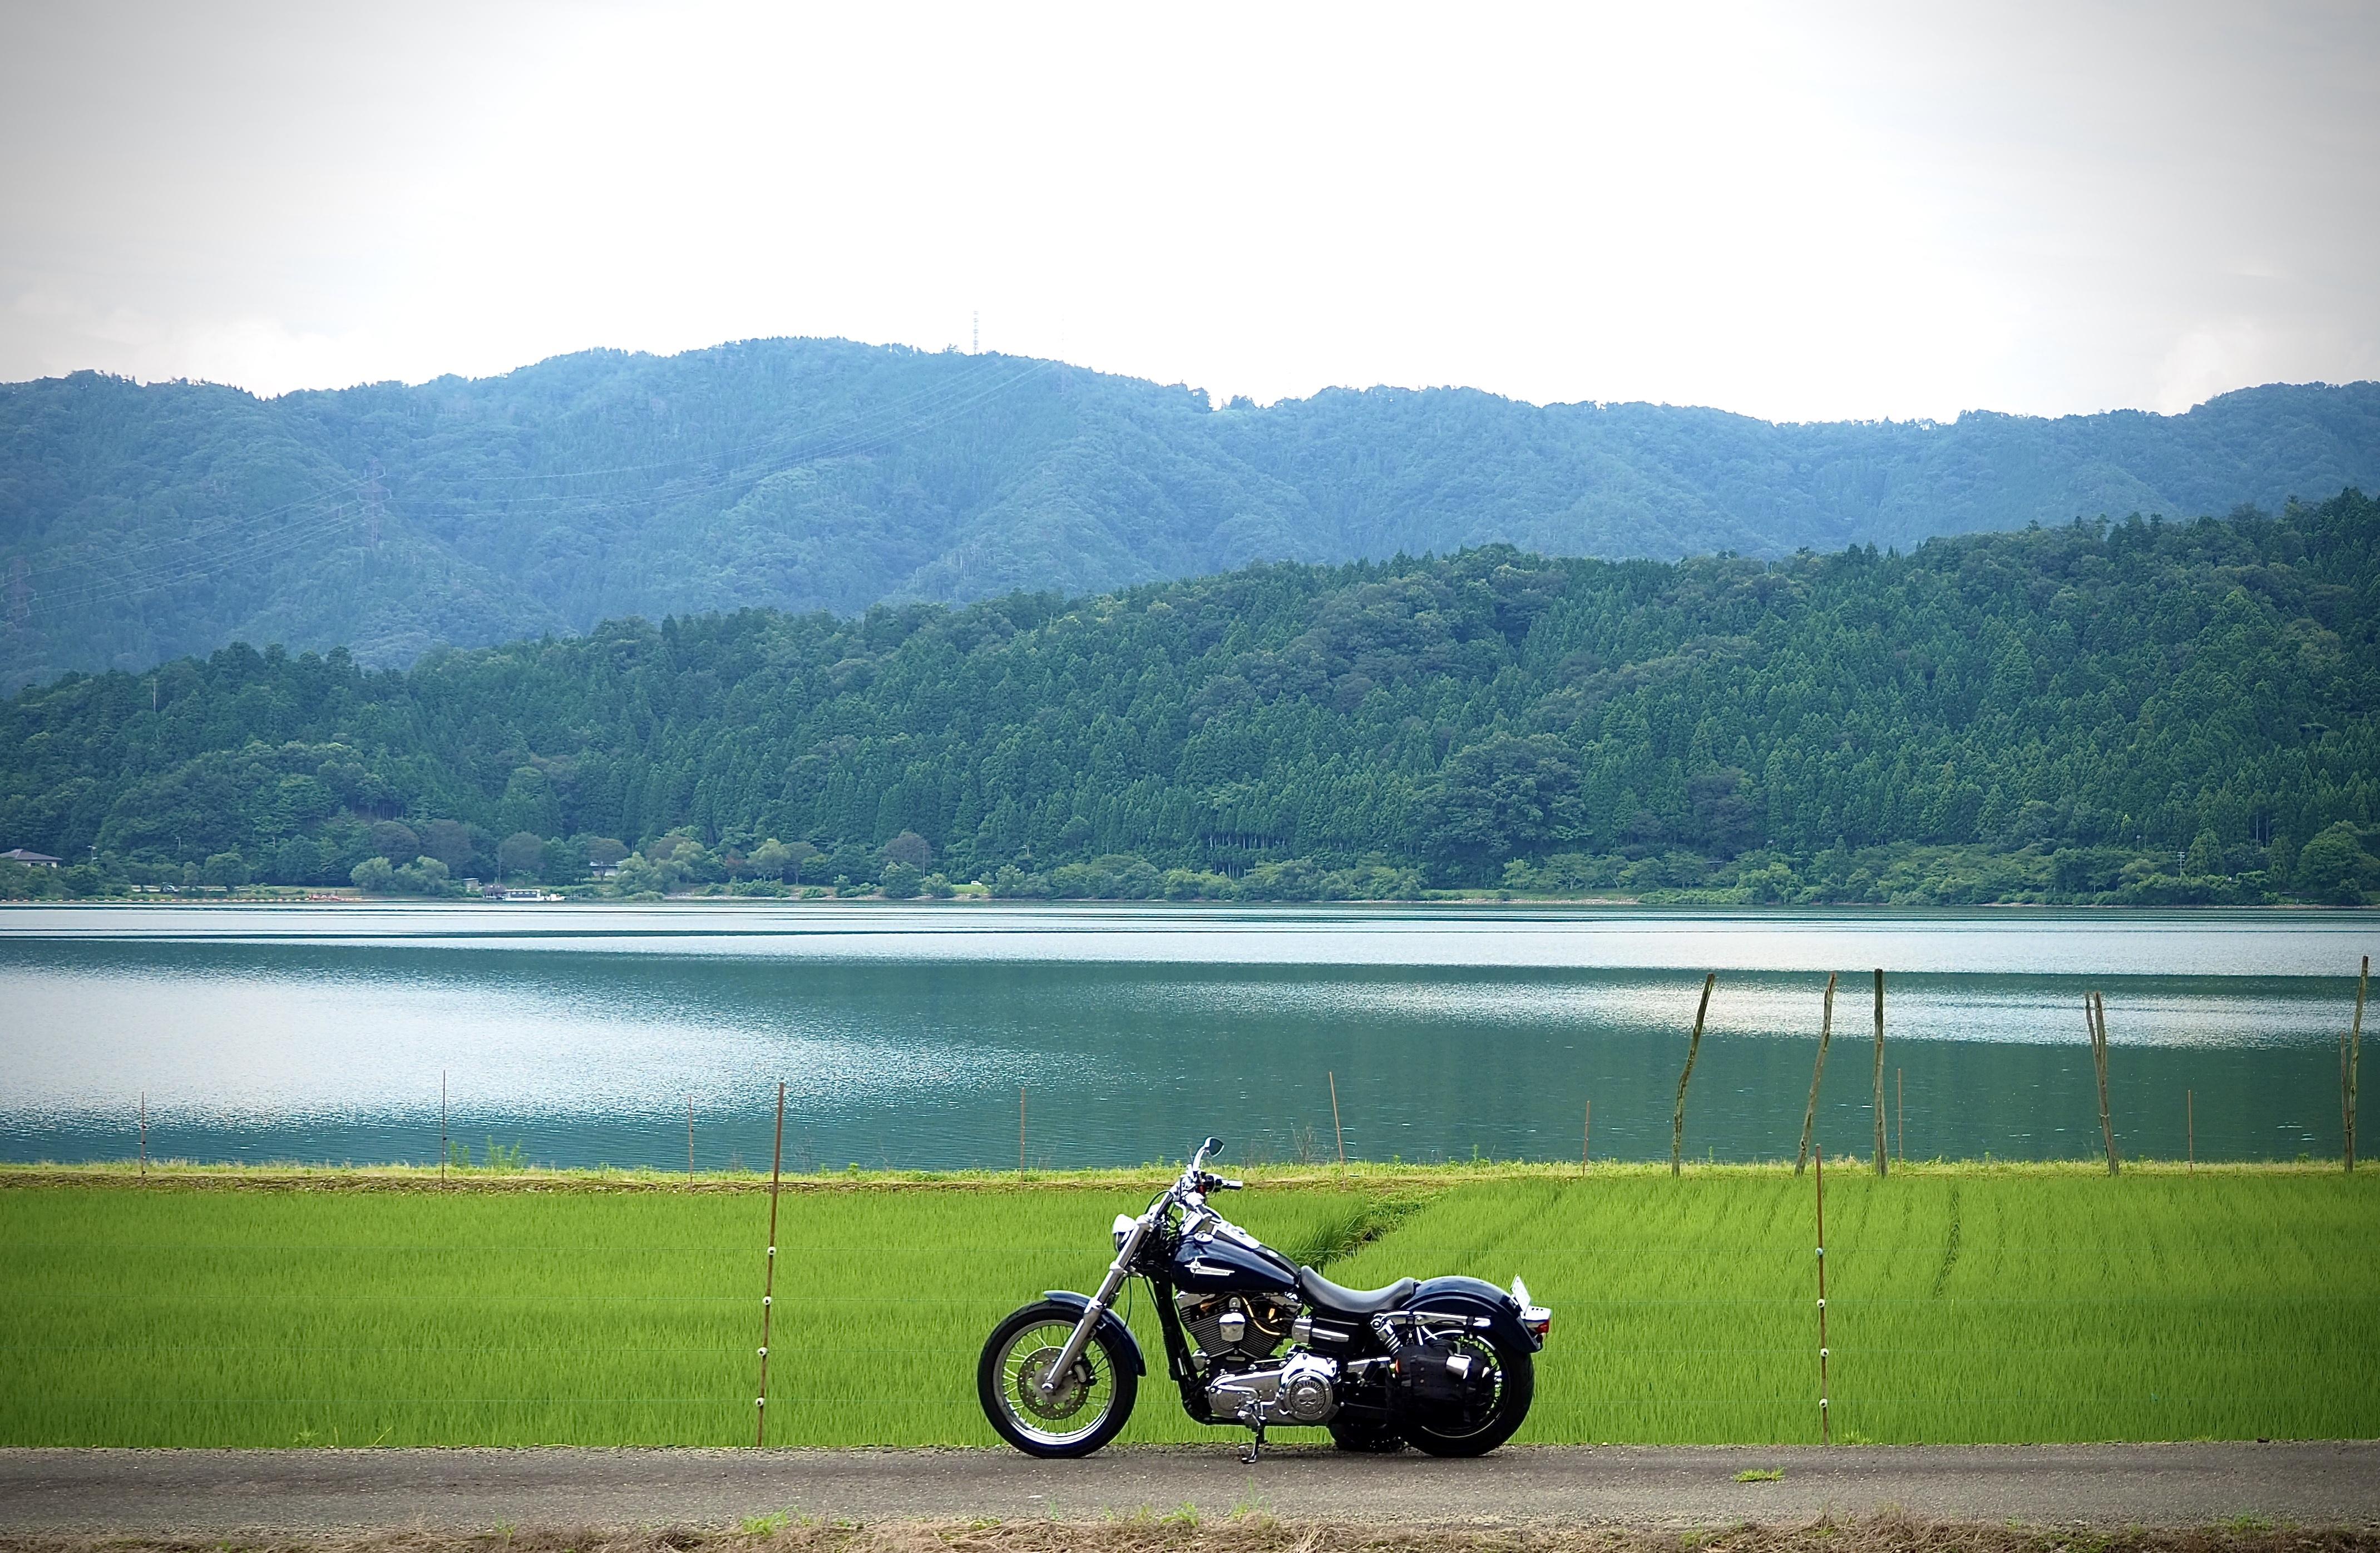 ぴーきちハーレーブログ ビワイチ ヨゴイチツーリング 余呉湖の景色